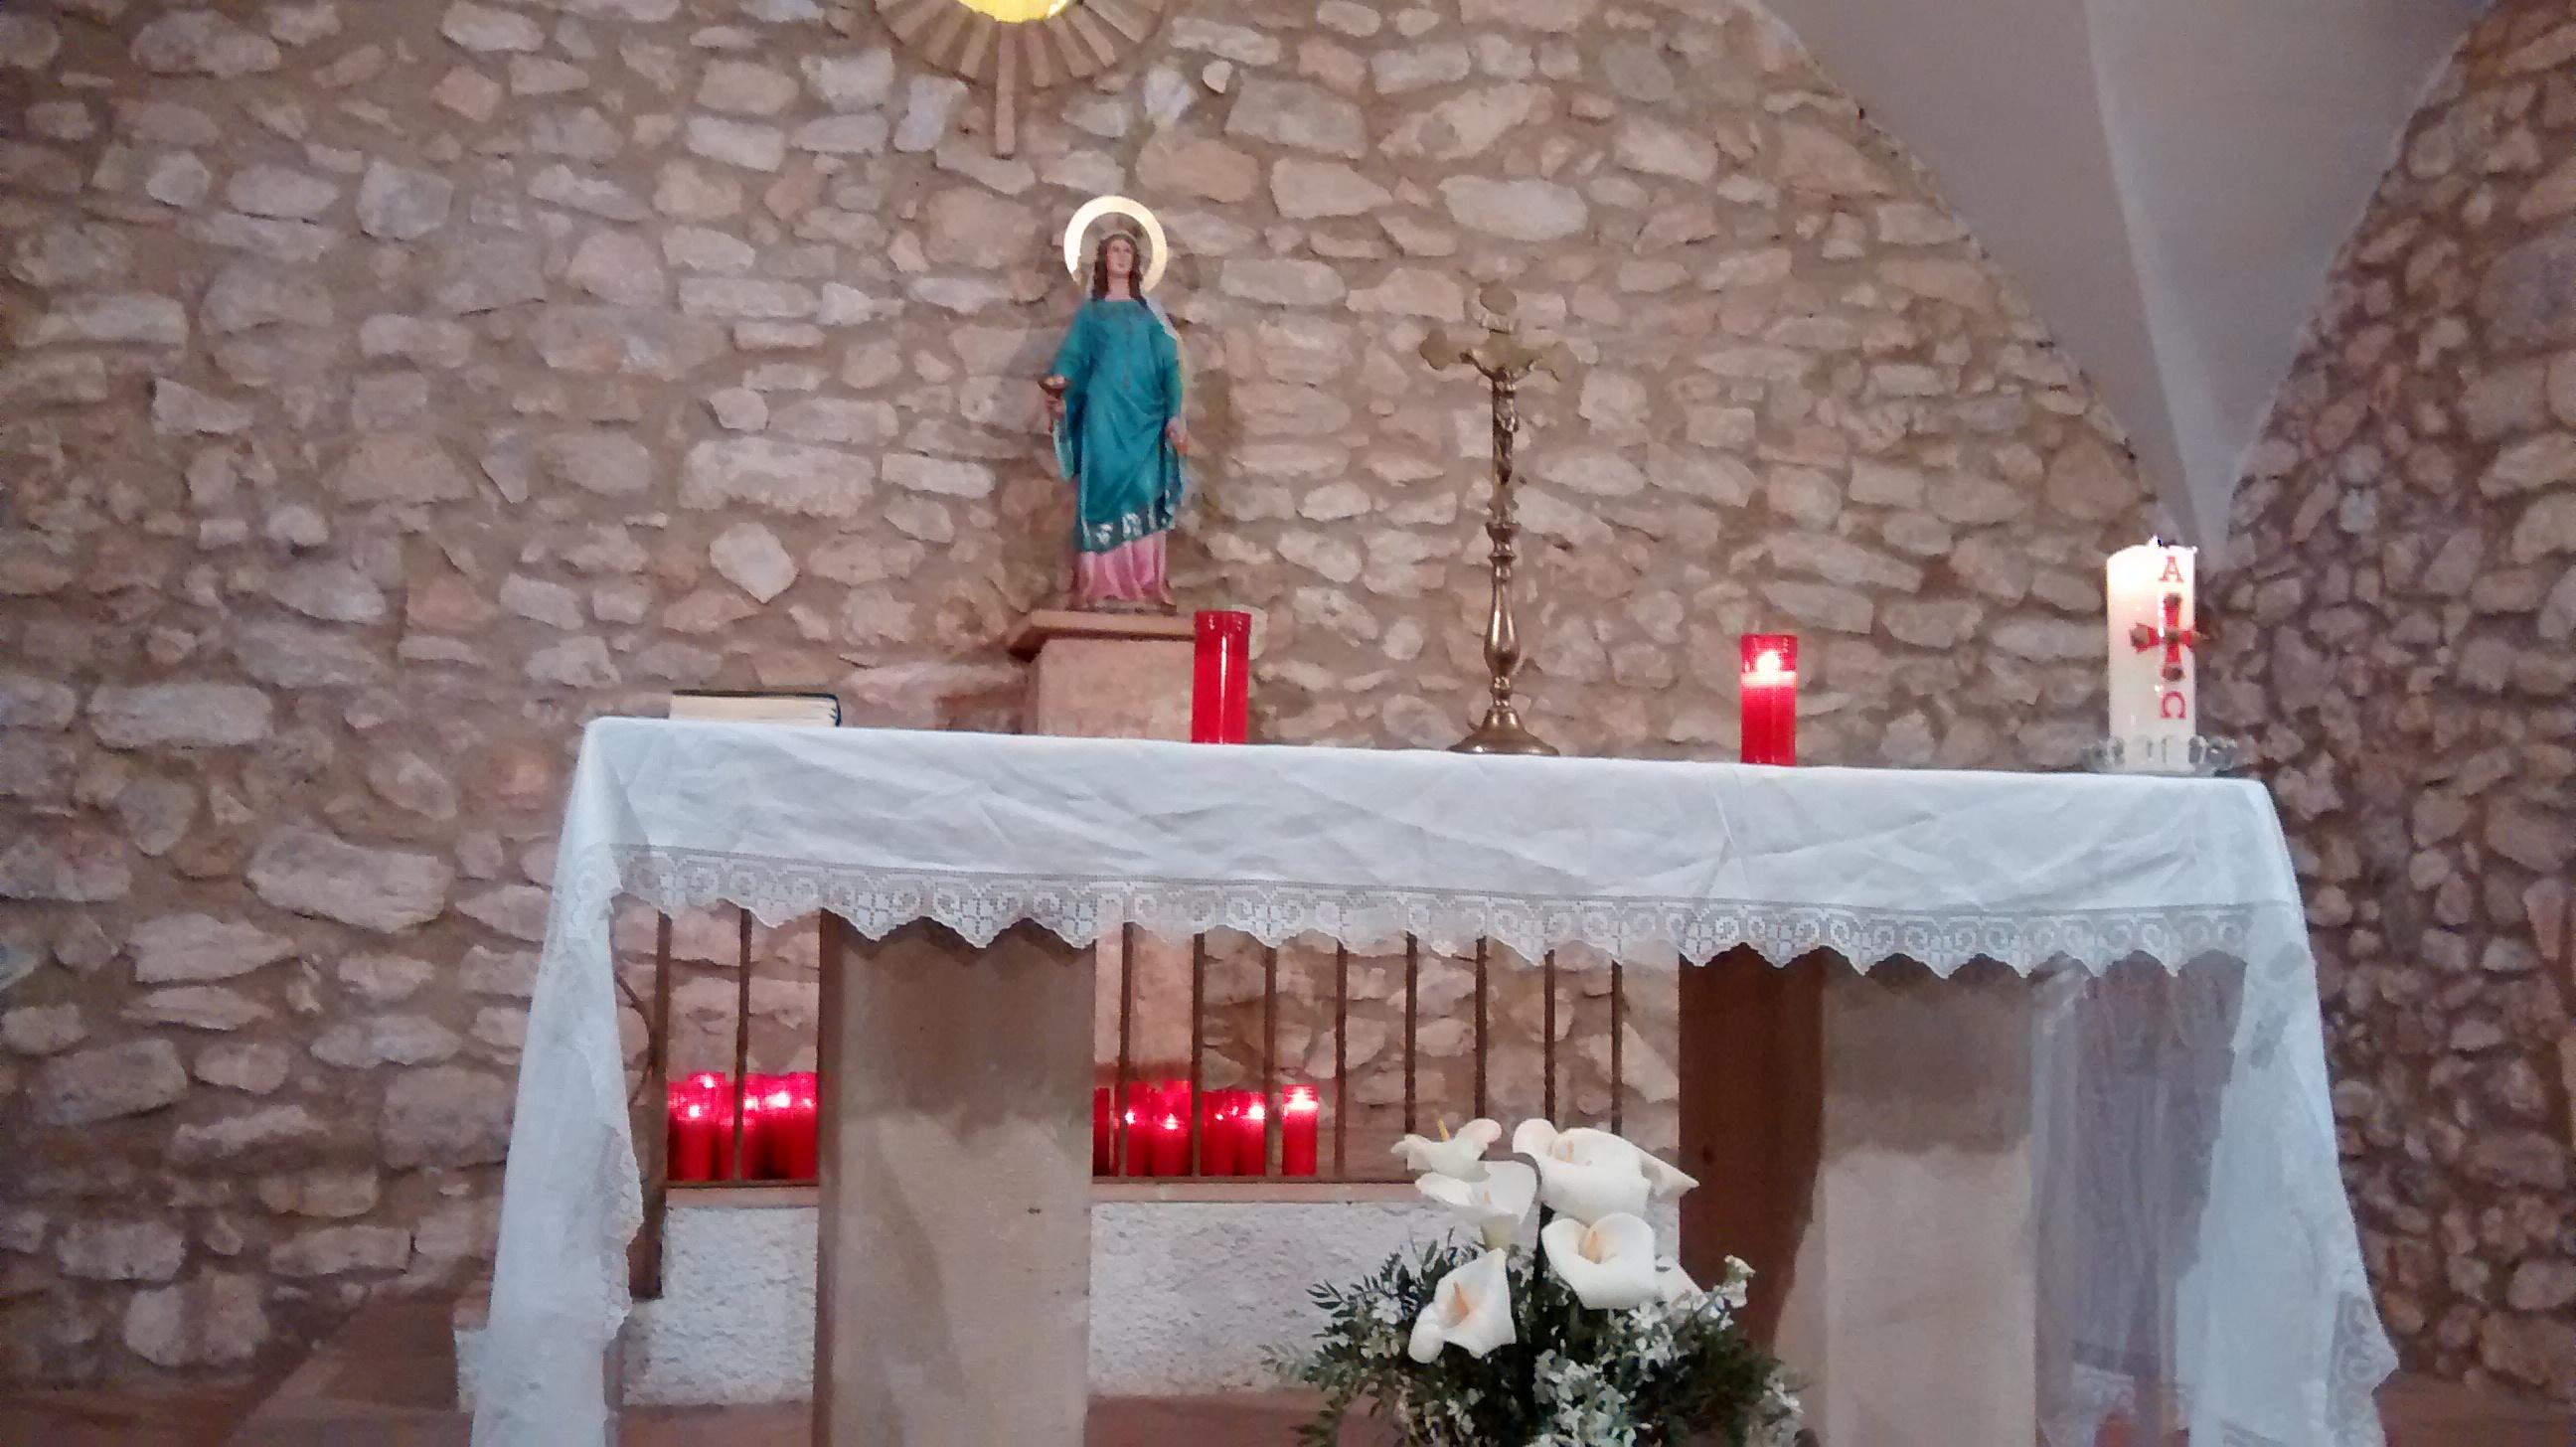 El dilluns 24 de juliol se celebra Santa Cristina a l'Ermita